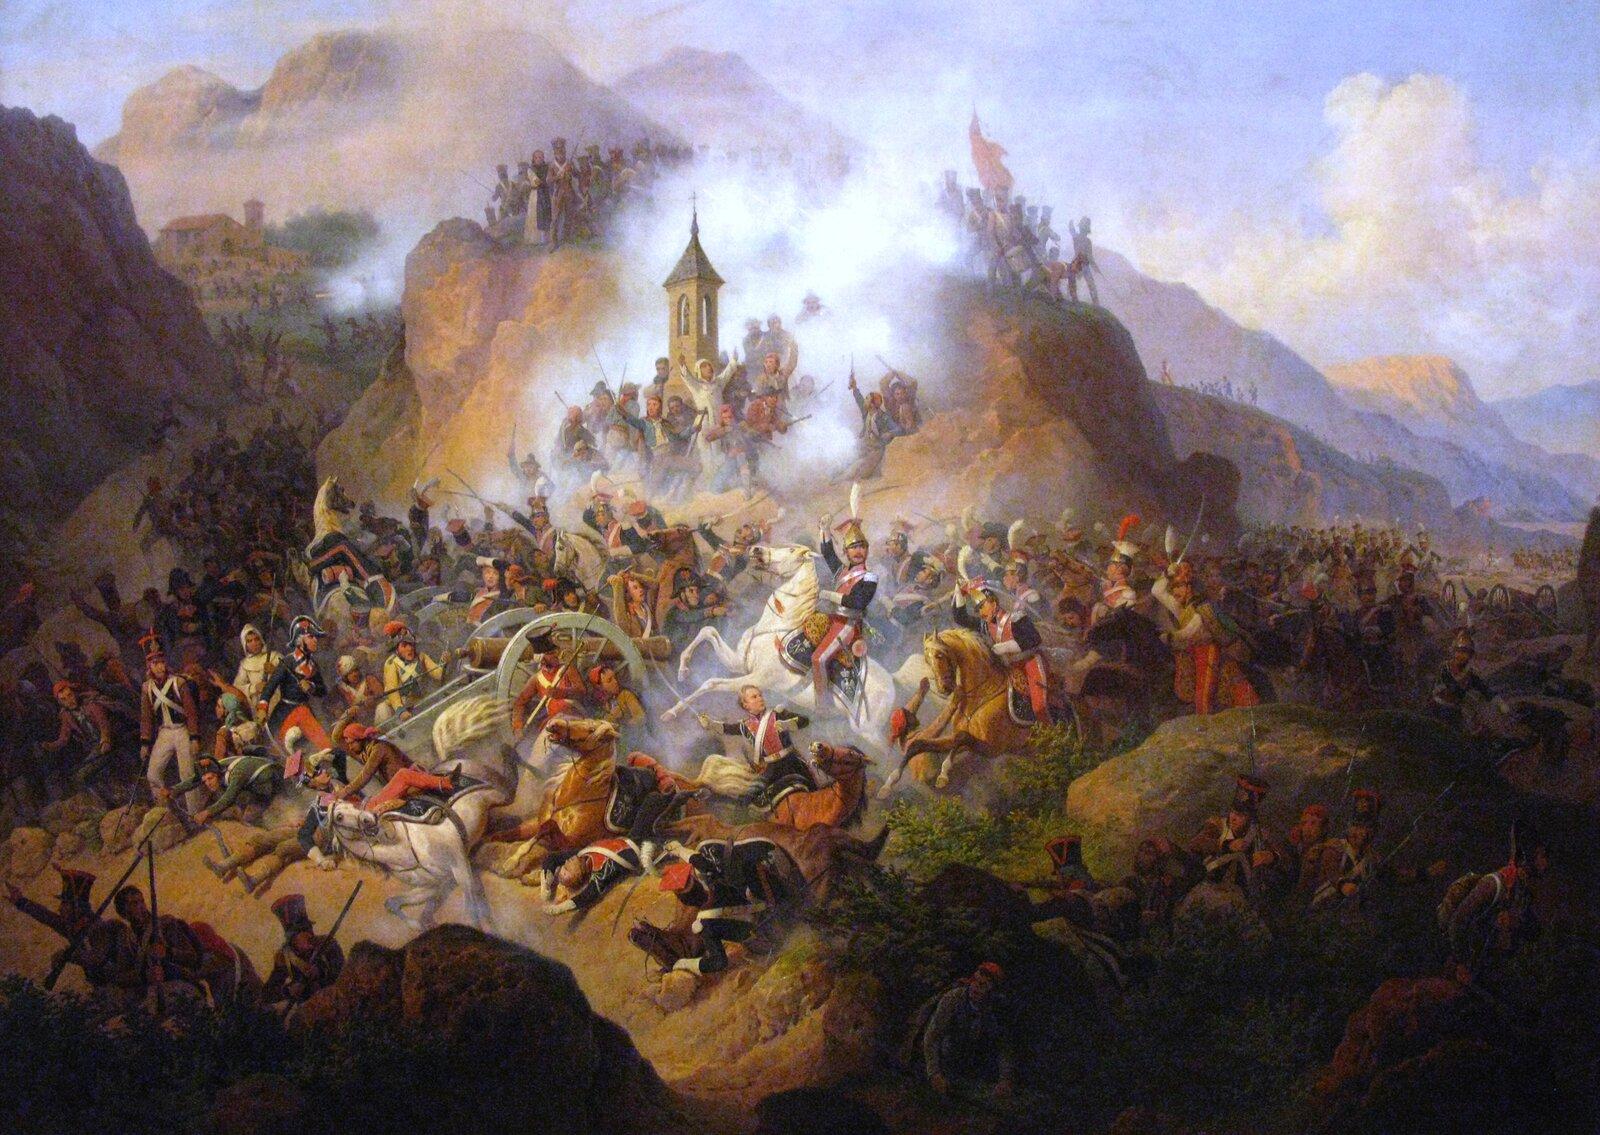 Bitwa pod Somosierrą Źródło: January Suchodolski, Bitwa pod Somosierrą, 1860, olej na płótnie, Muzeum Narodowe wWarszawie, domena publiczna.